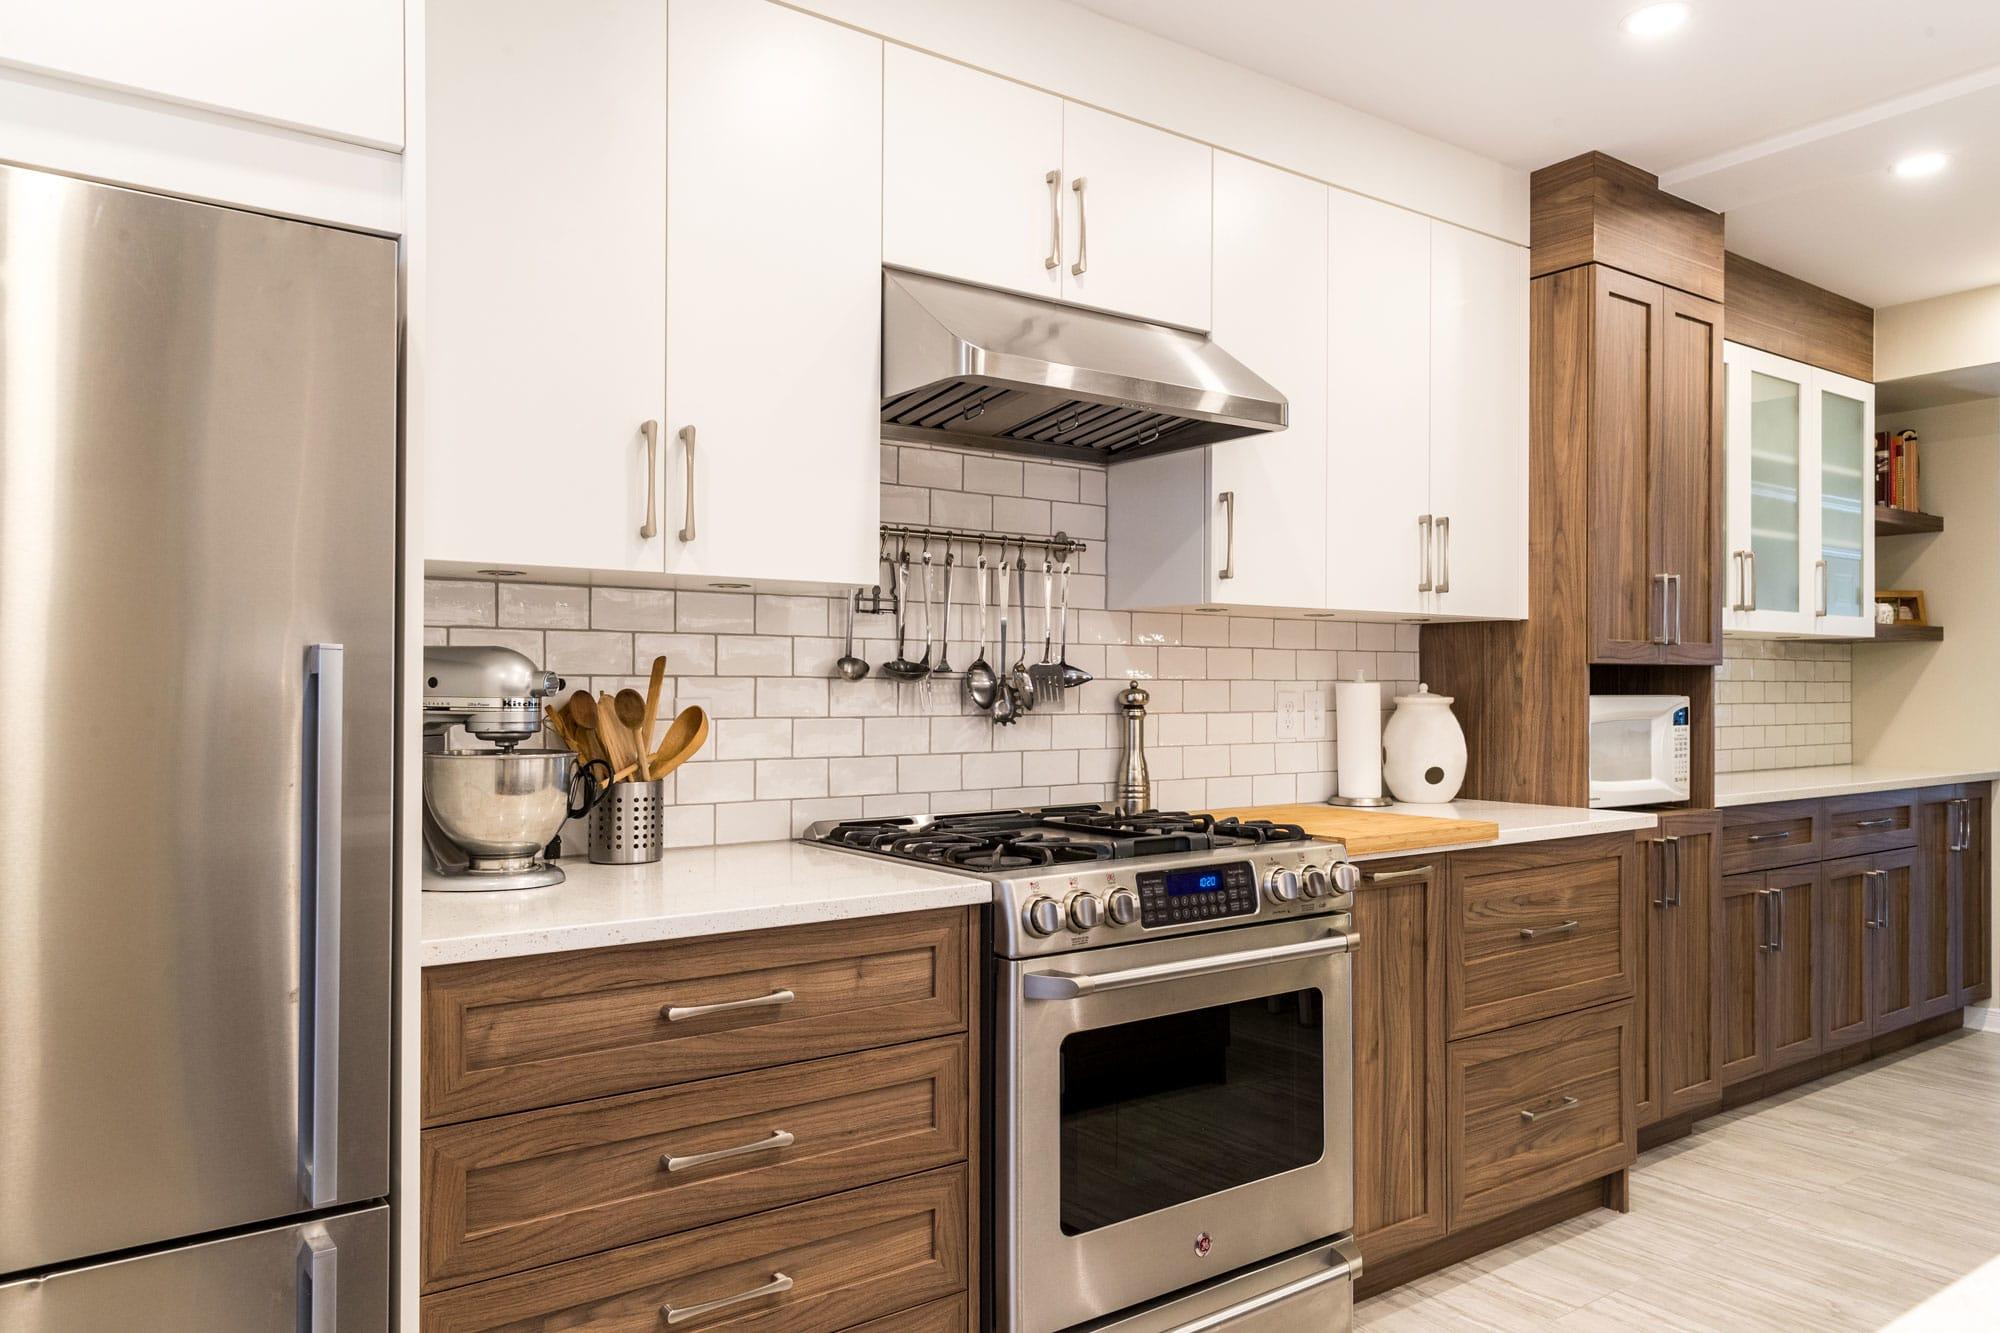 rénovation cuisine deux tons avec cuisinière au gaz et réfrigérateur en stainless